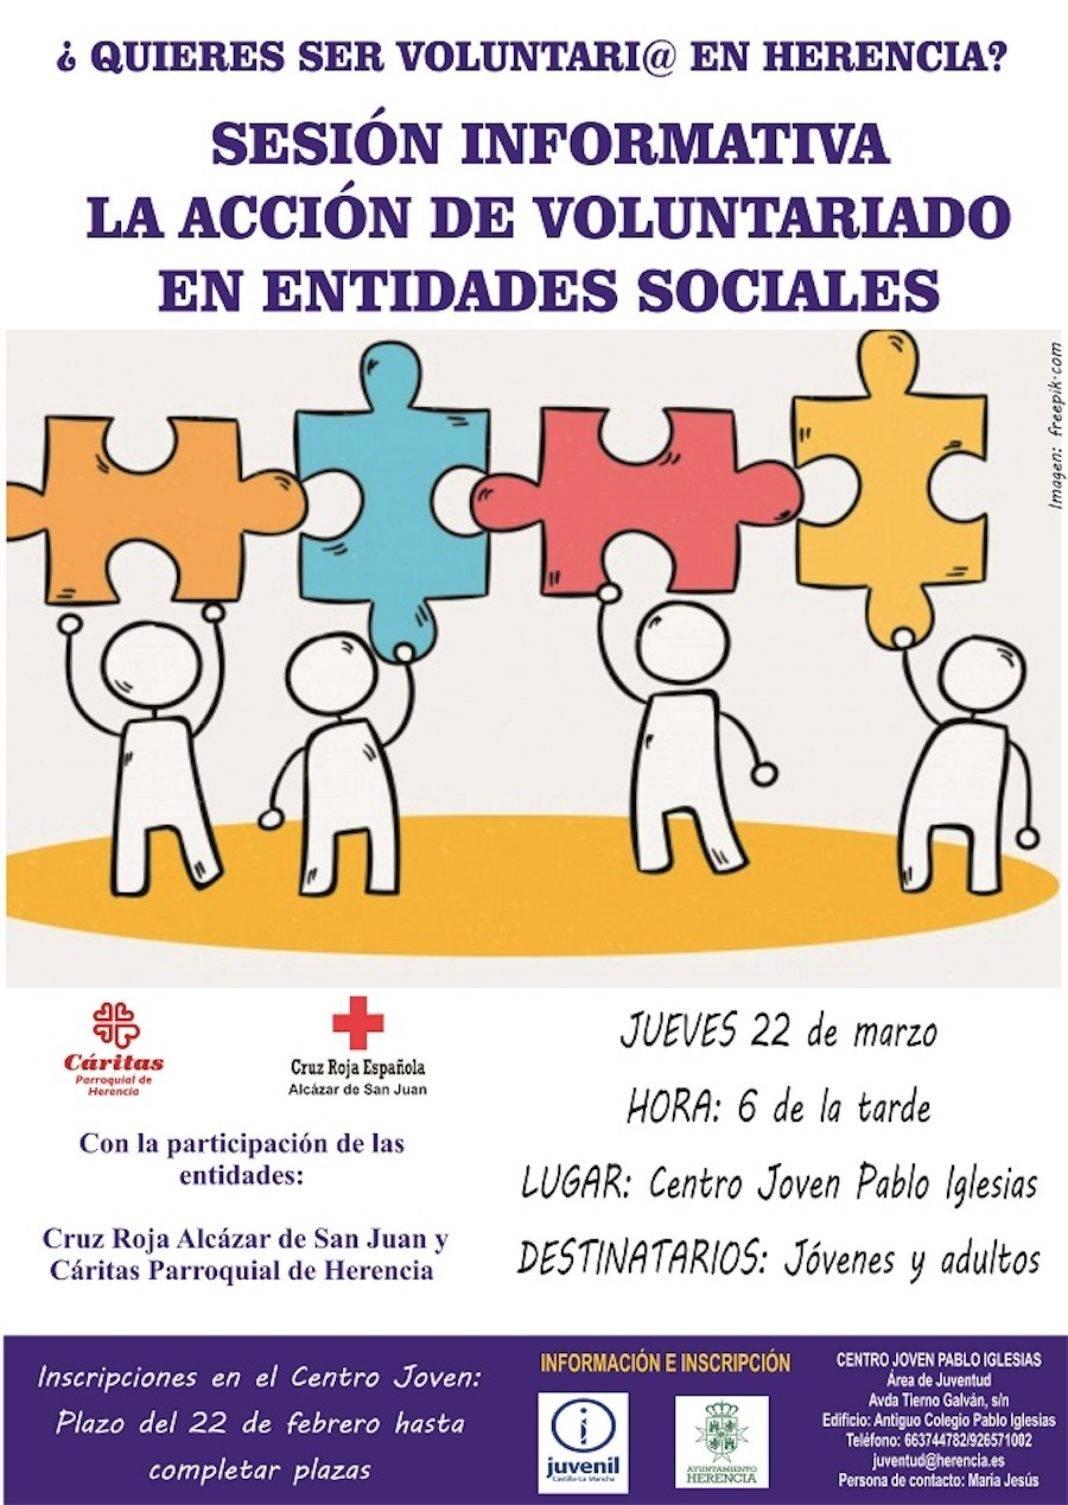 sesion informativa voluntariado 1068x1505 - ¿Quieres ser voluntario? Ya puedes informarte en el Centro Joven de Herencia